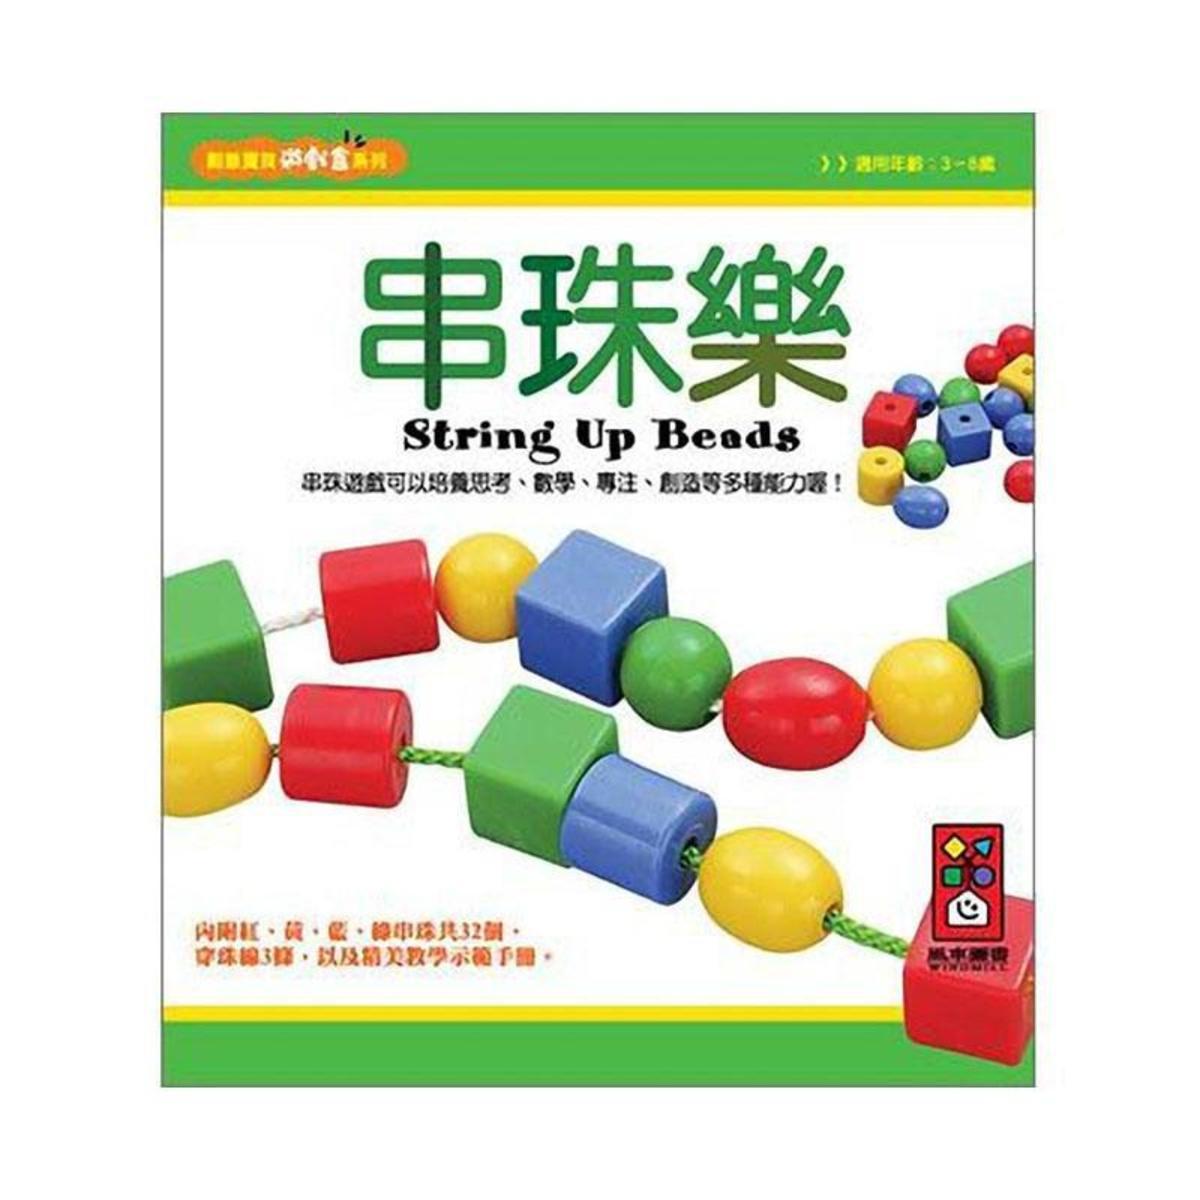 創意寶貝遊戲盒 台灣進口 (兩款) - 串珠樂